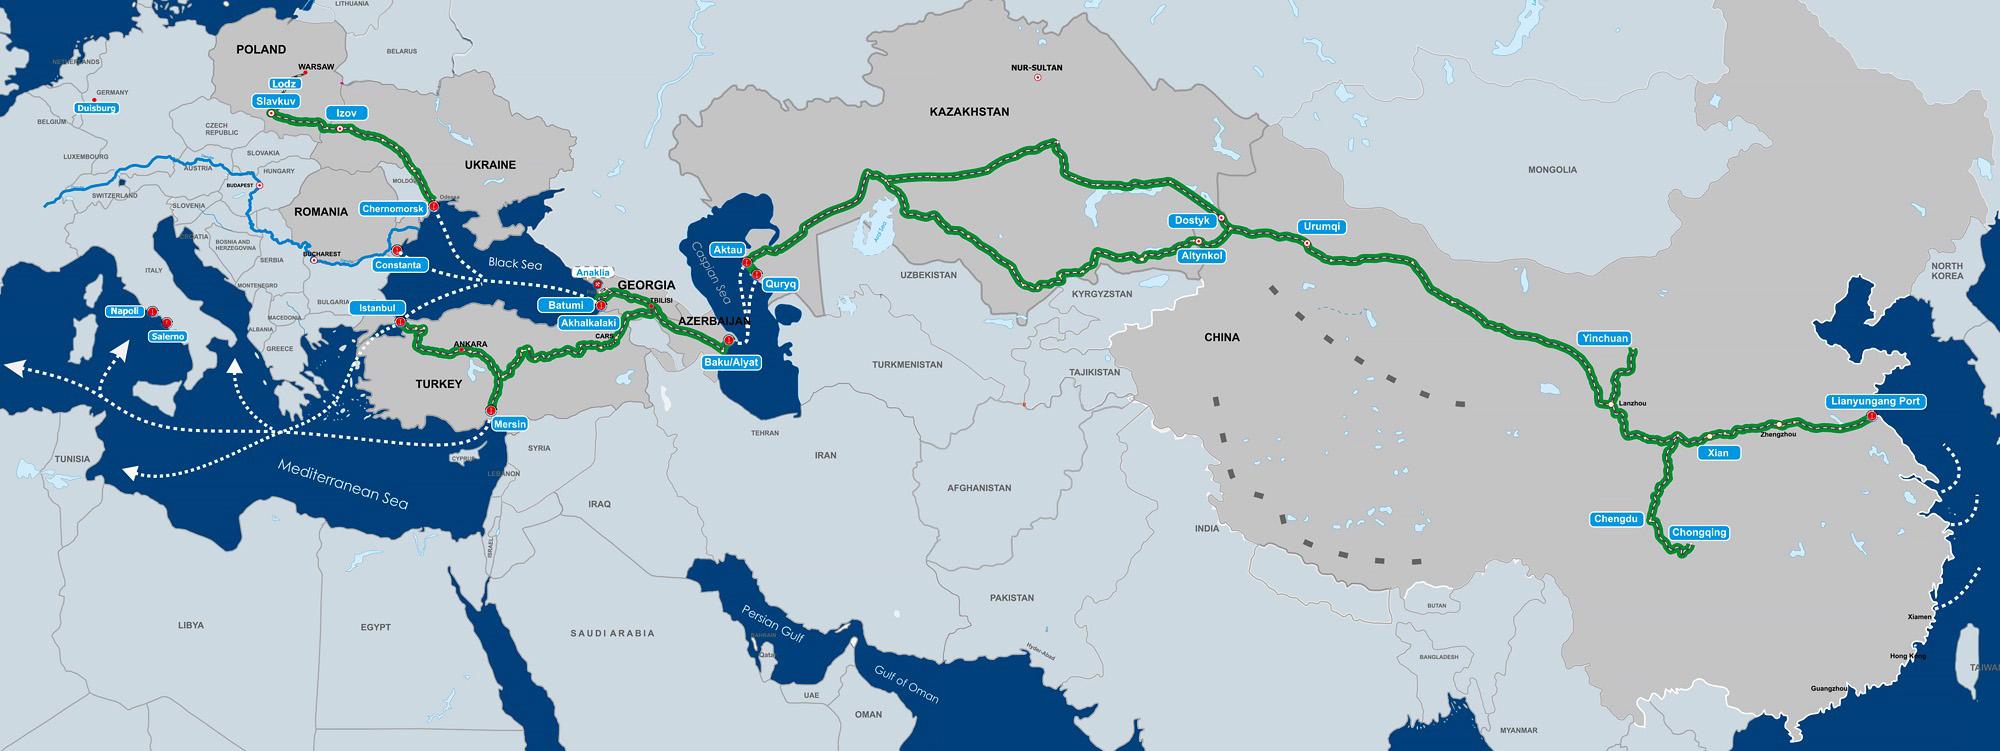 Cənubi Qafqazda nəqliyyat layihələri və Avropa Birliyi